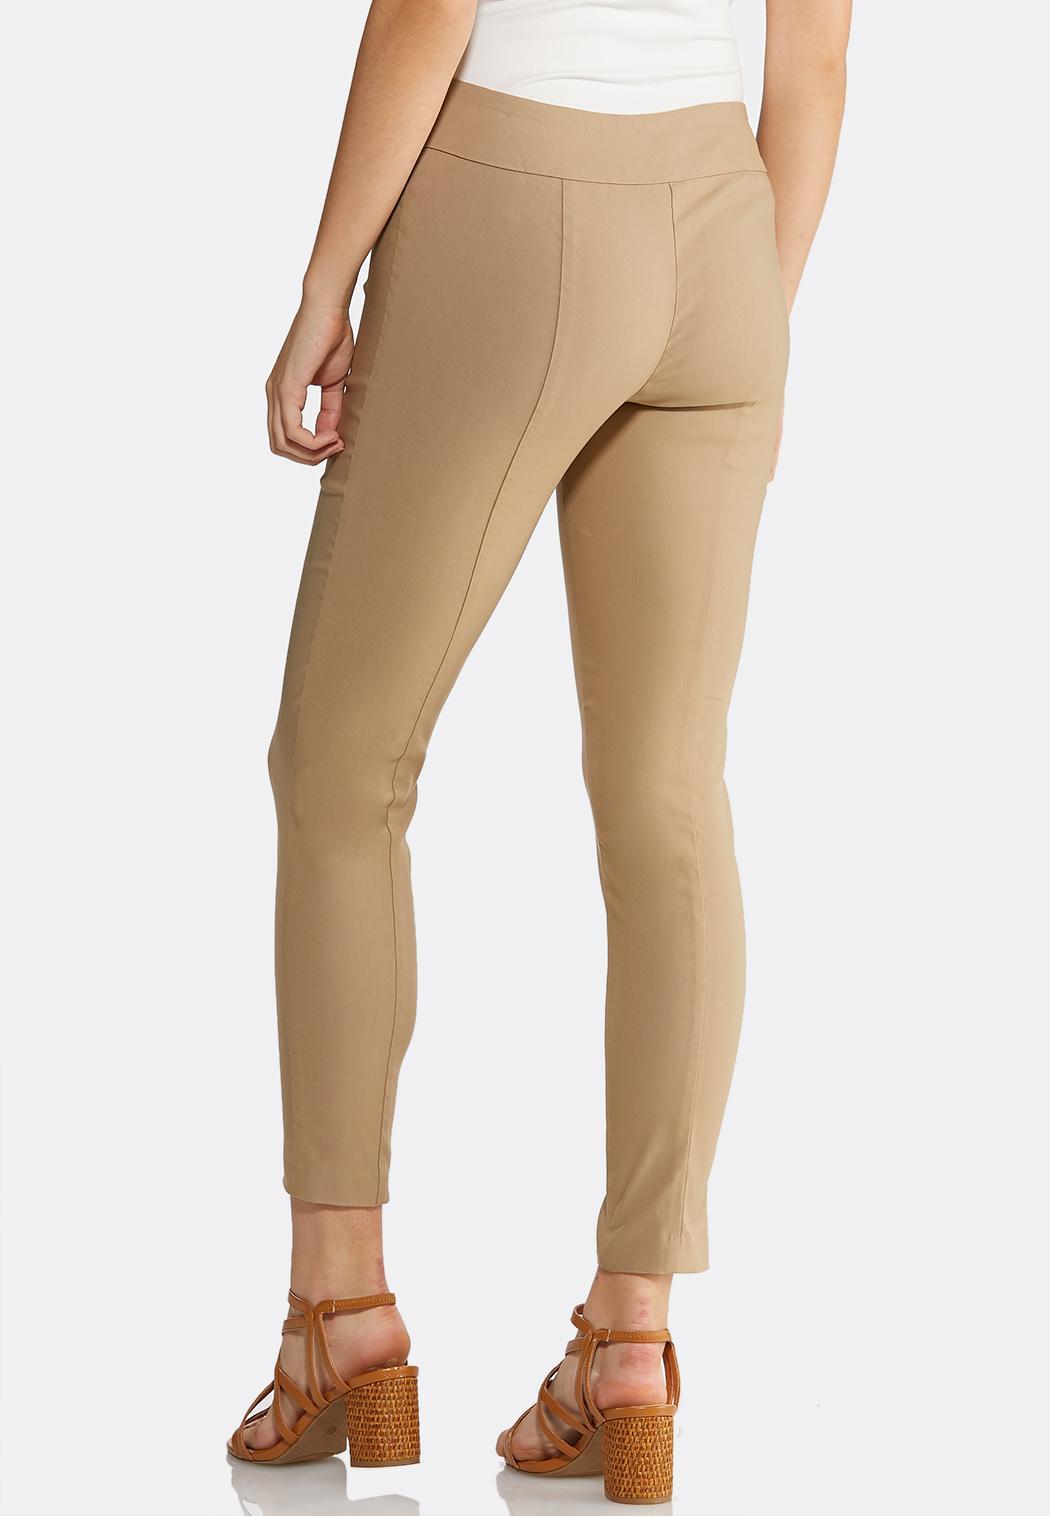 Pull-On Solid Slim Pants (Item #43925885)